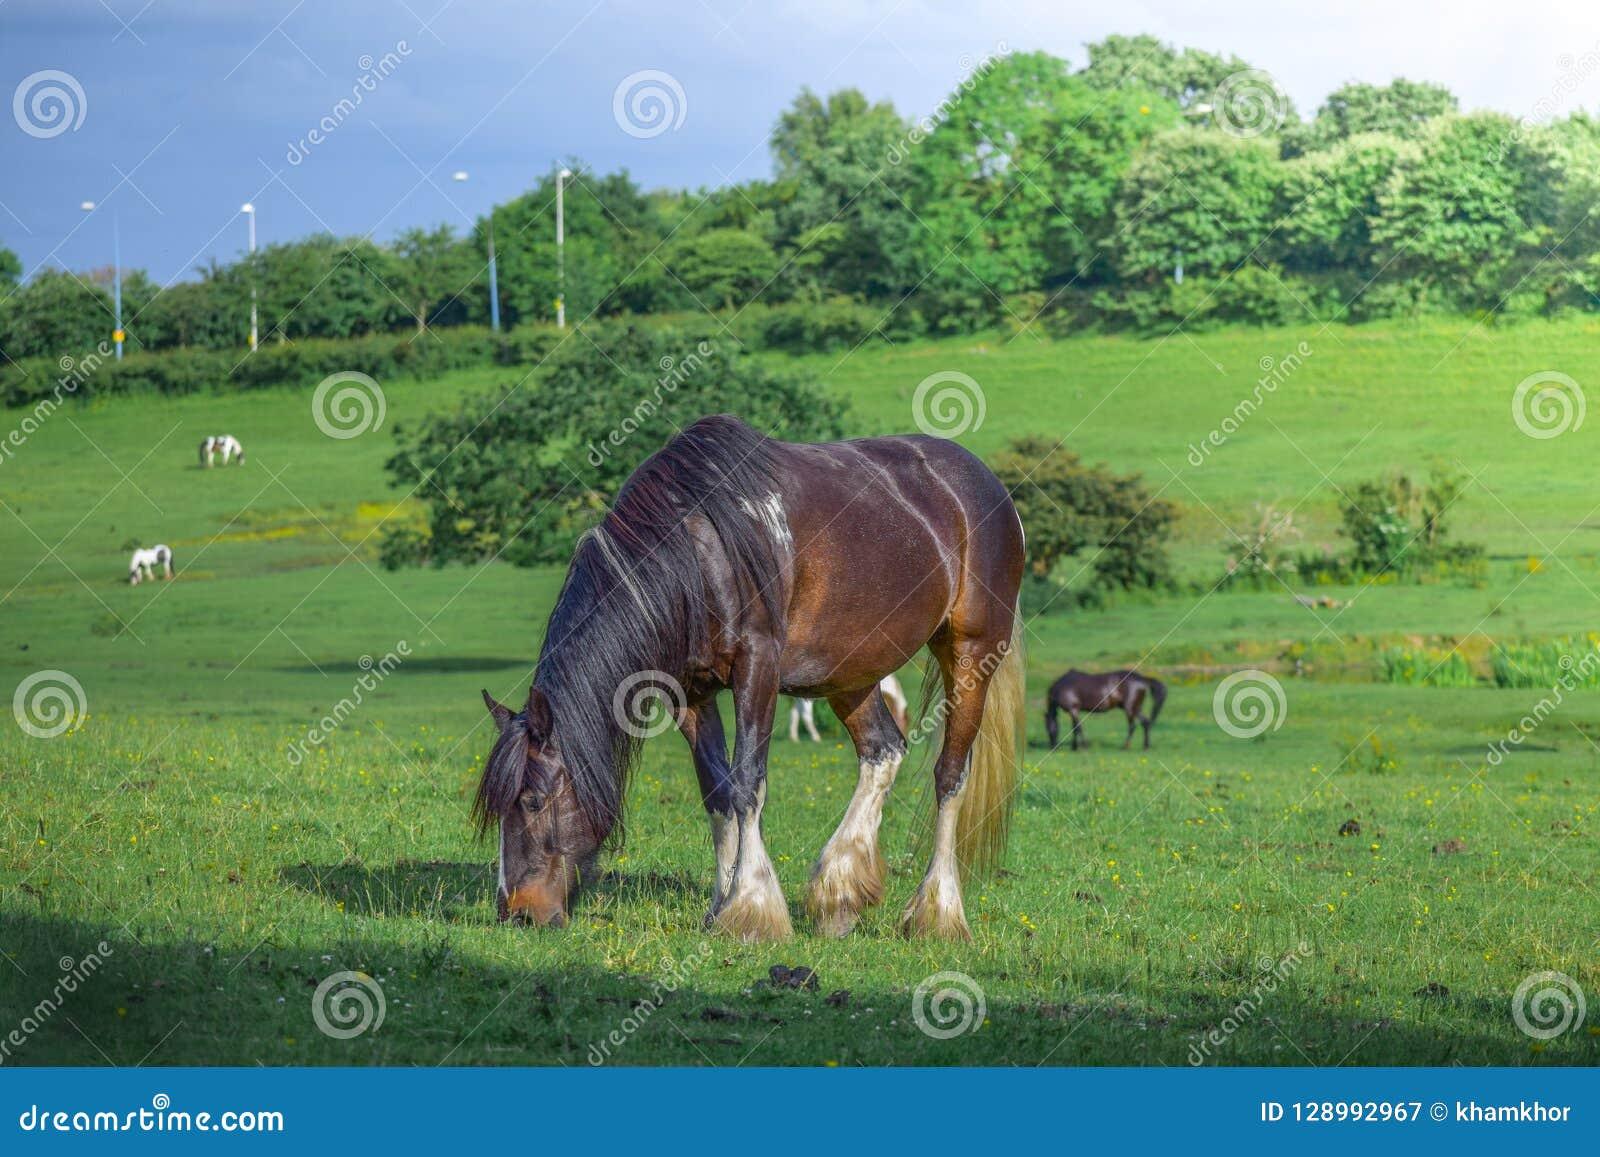 Härlig brun häst som betar i en äng och äter gräs i ett grönt fält